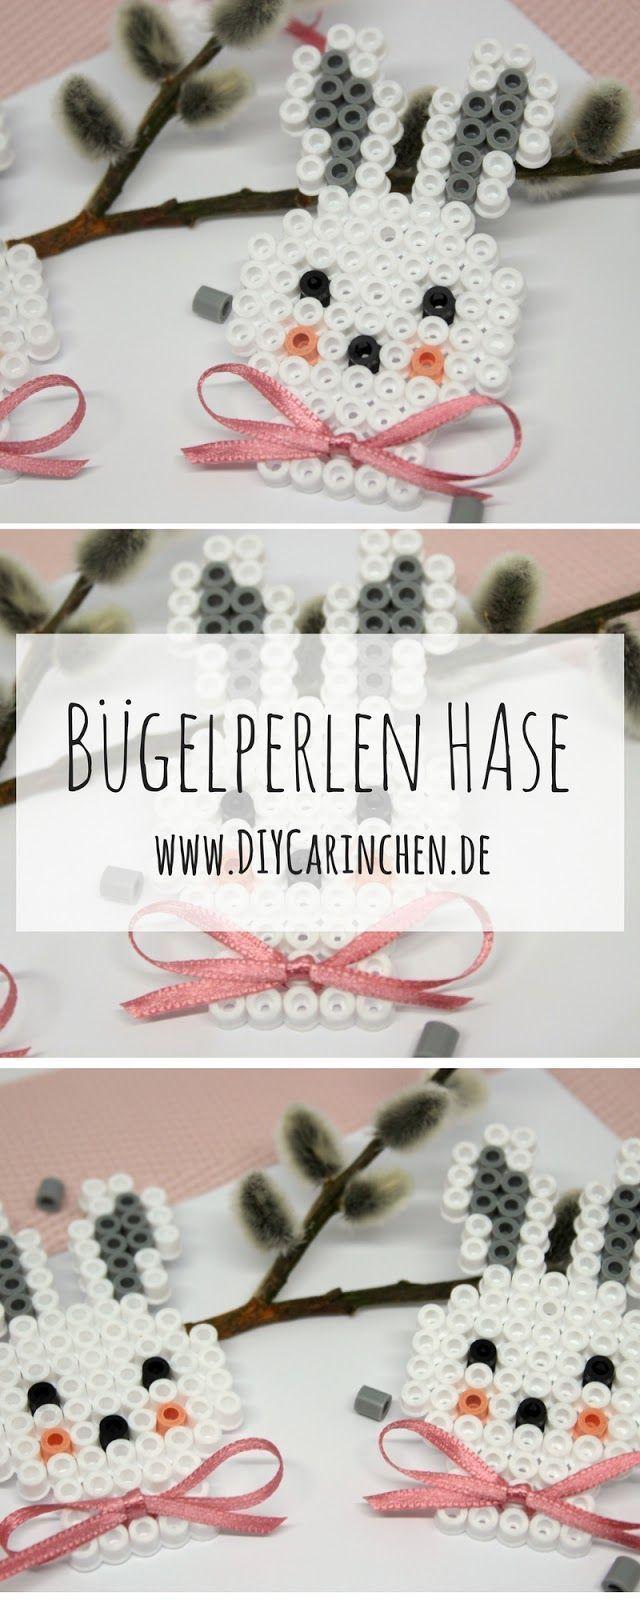 DIY Hasen aus Bügelperlen selber machen - Geschenkidee zu Ostern #gifts